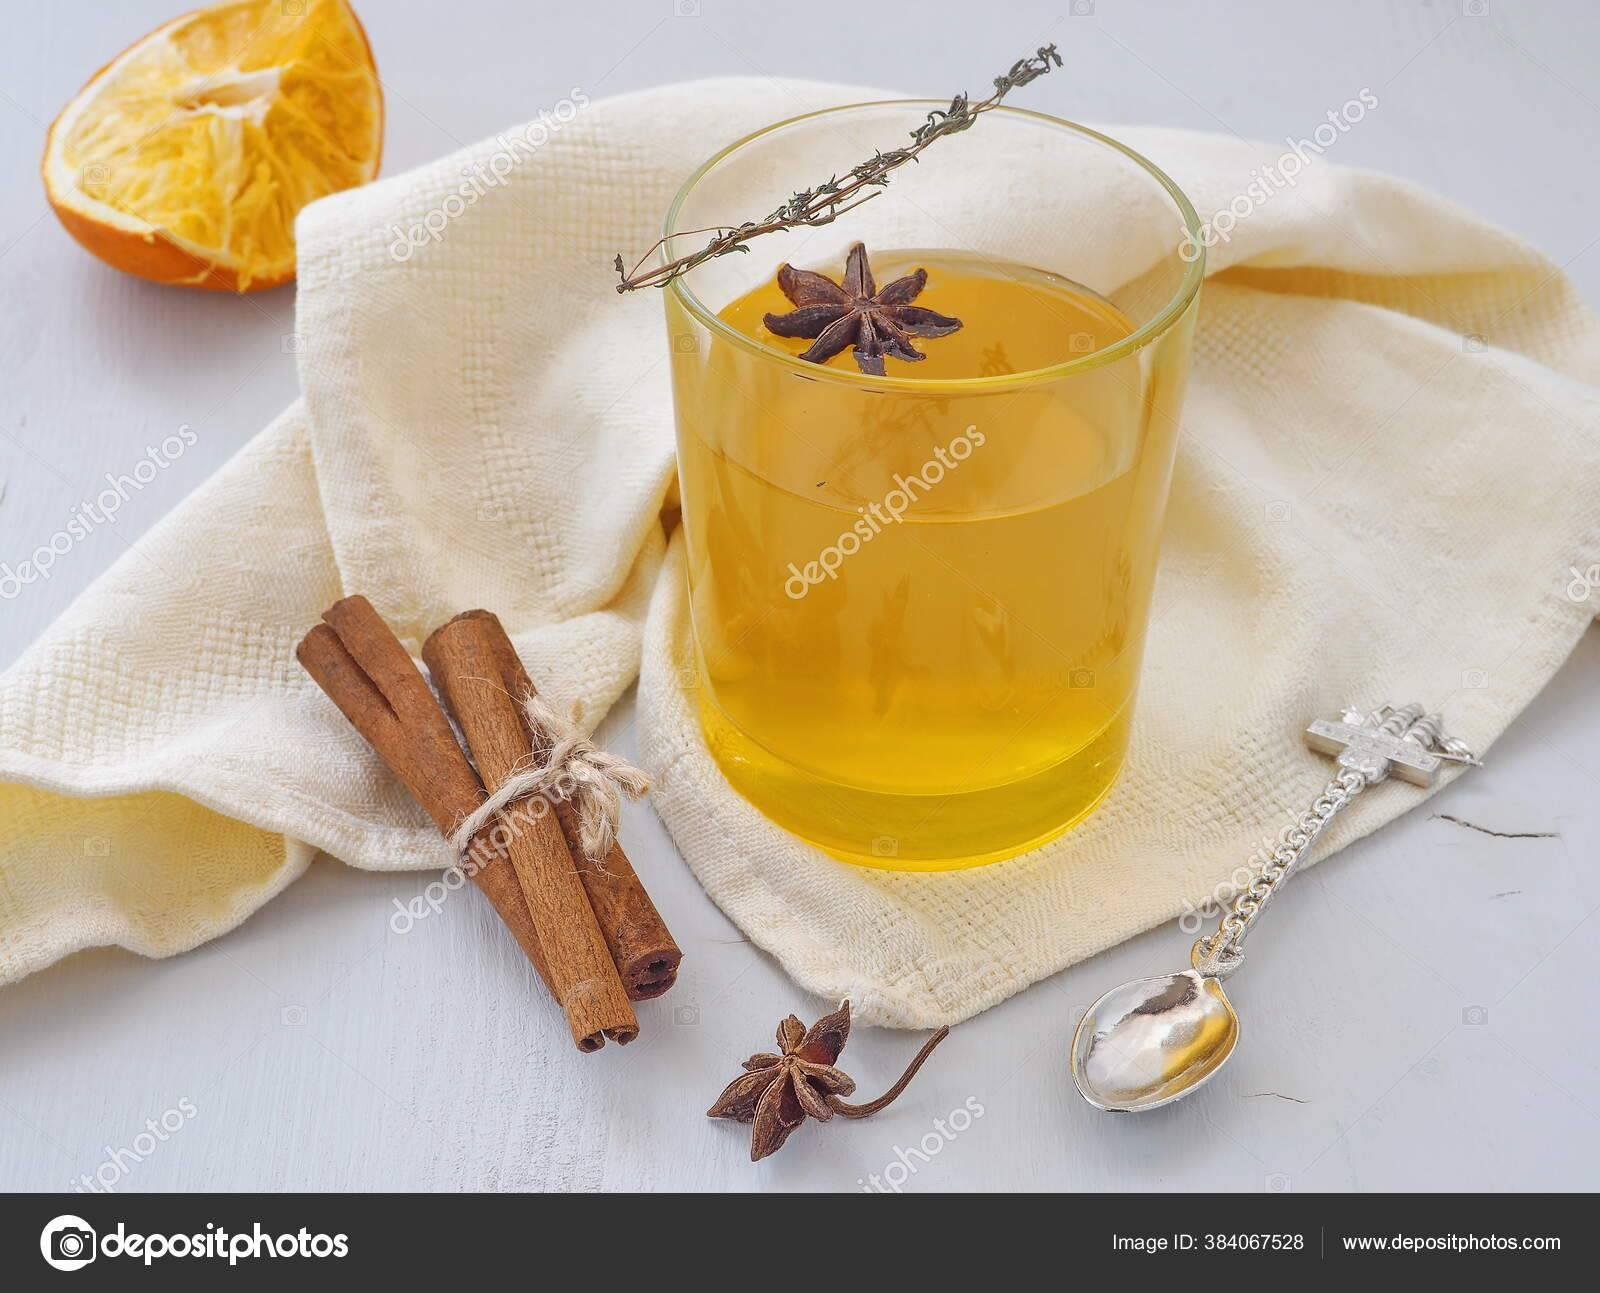 Чай сенча (сентя) – описание, польза и вред, рекомендации по завариванию